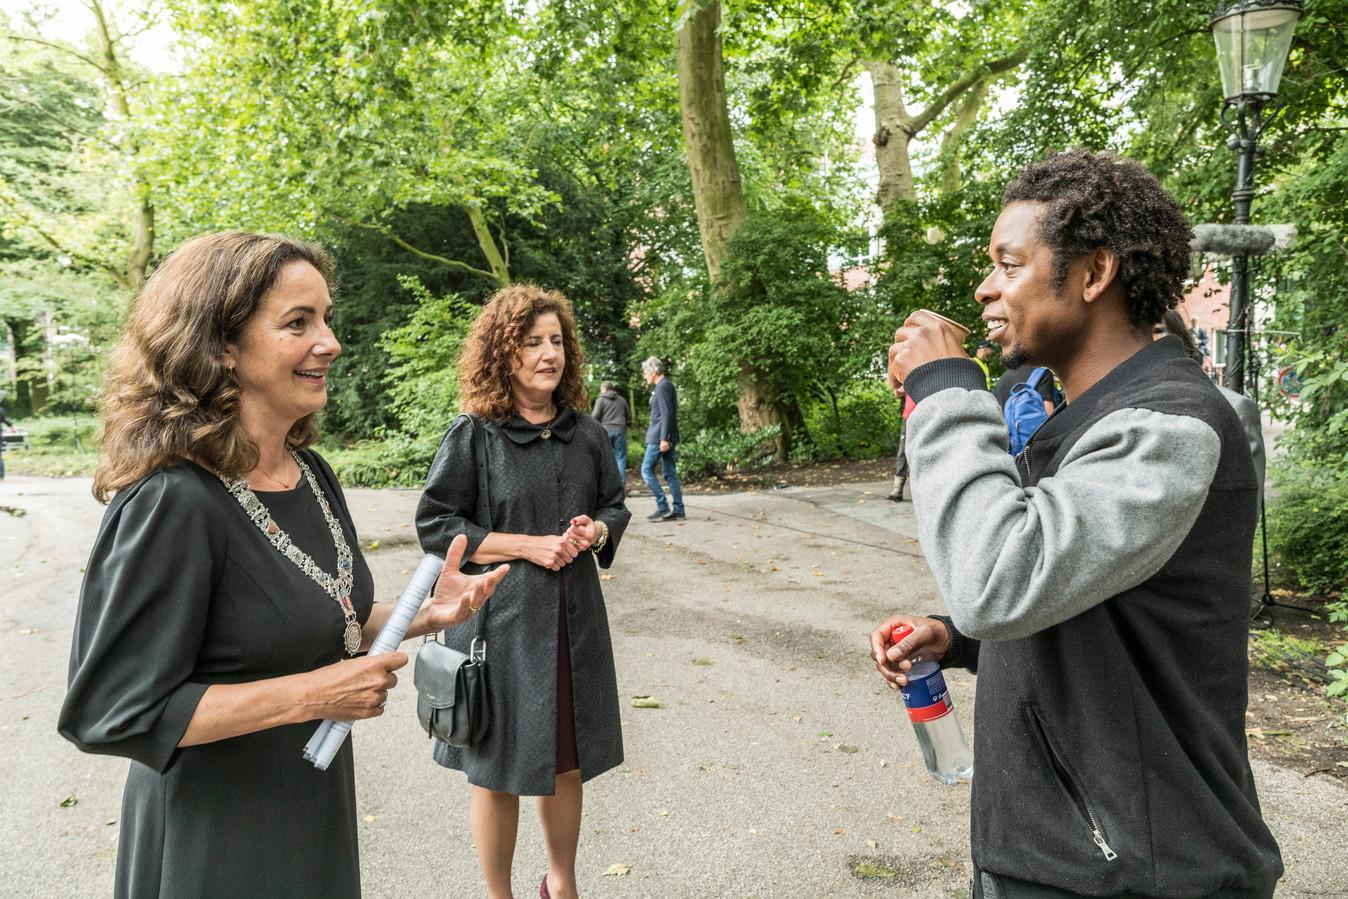 De Amsterdamse burgemeester Femke Halsema en staatssecretaris Ingrid van Engelshoven met rapper Typhoon tijdens de Keti Koti viering in het Oosterpark vorig jaar.